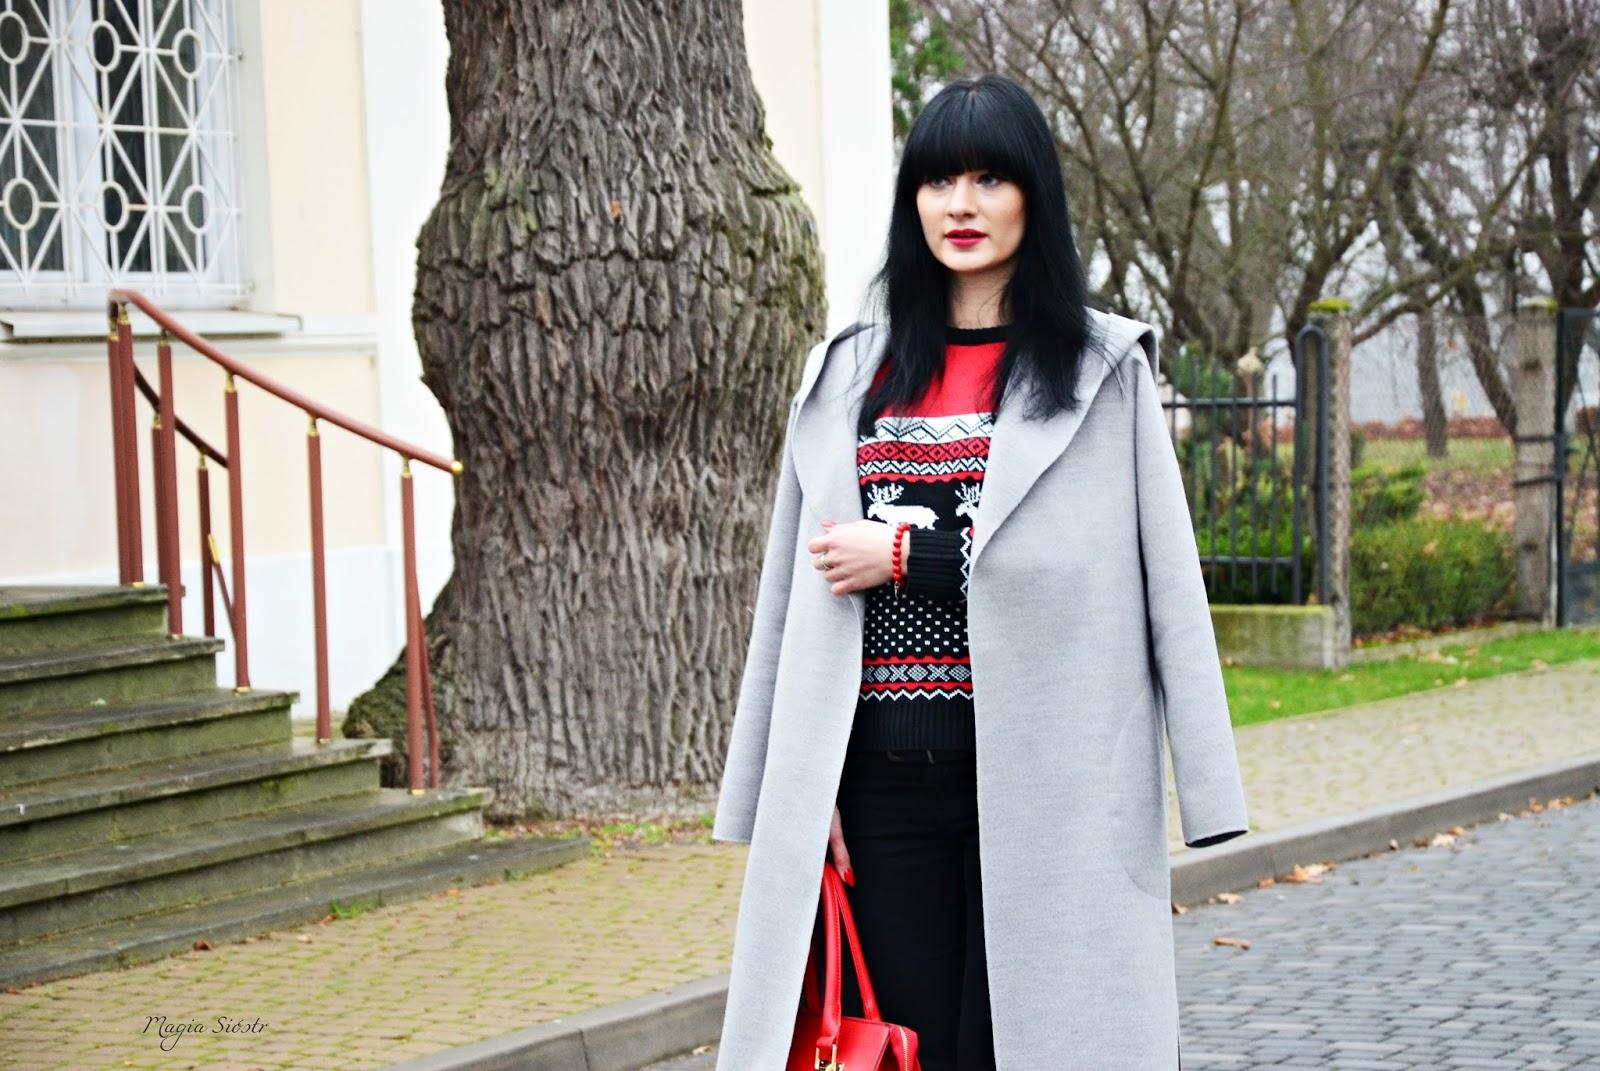 swetry świąteczne, blog modowy, stylizacja na jesień, stylizacja na spacer